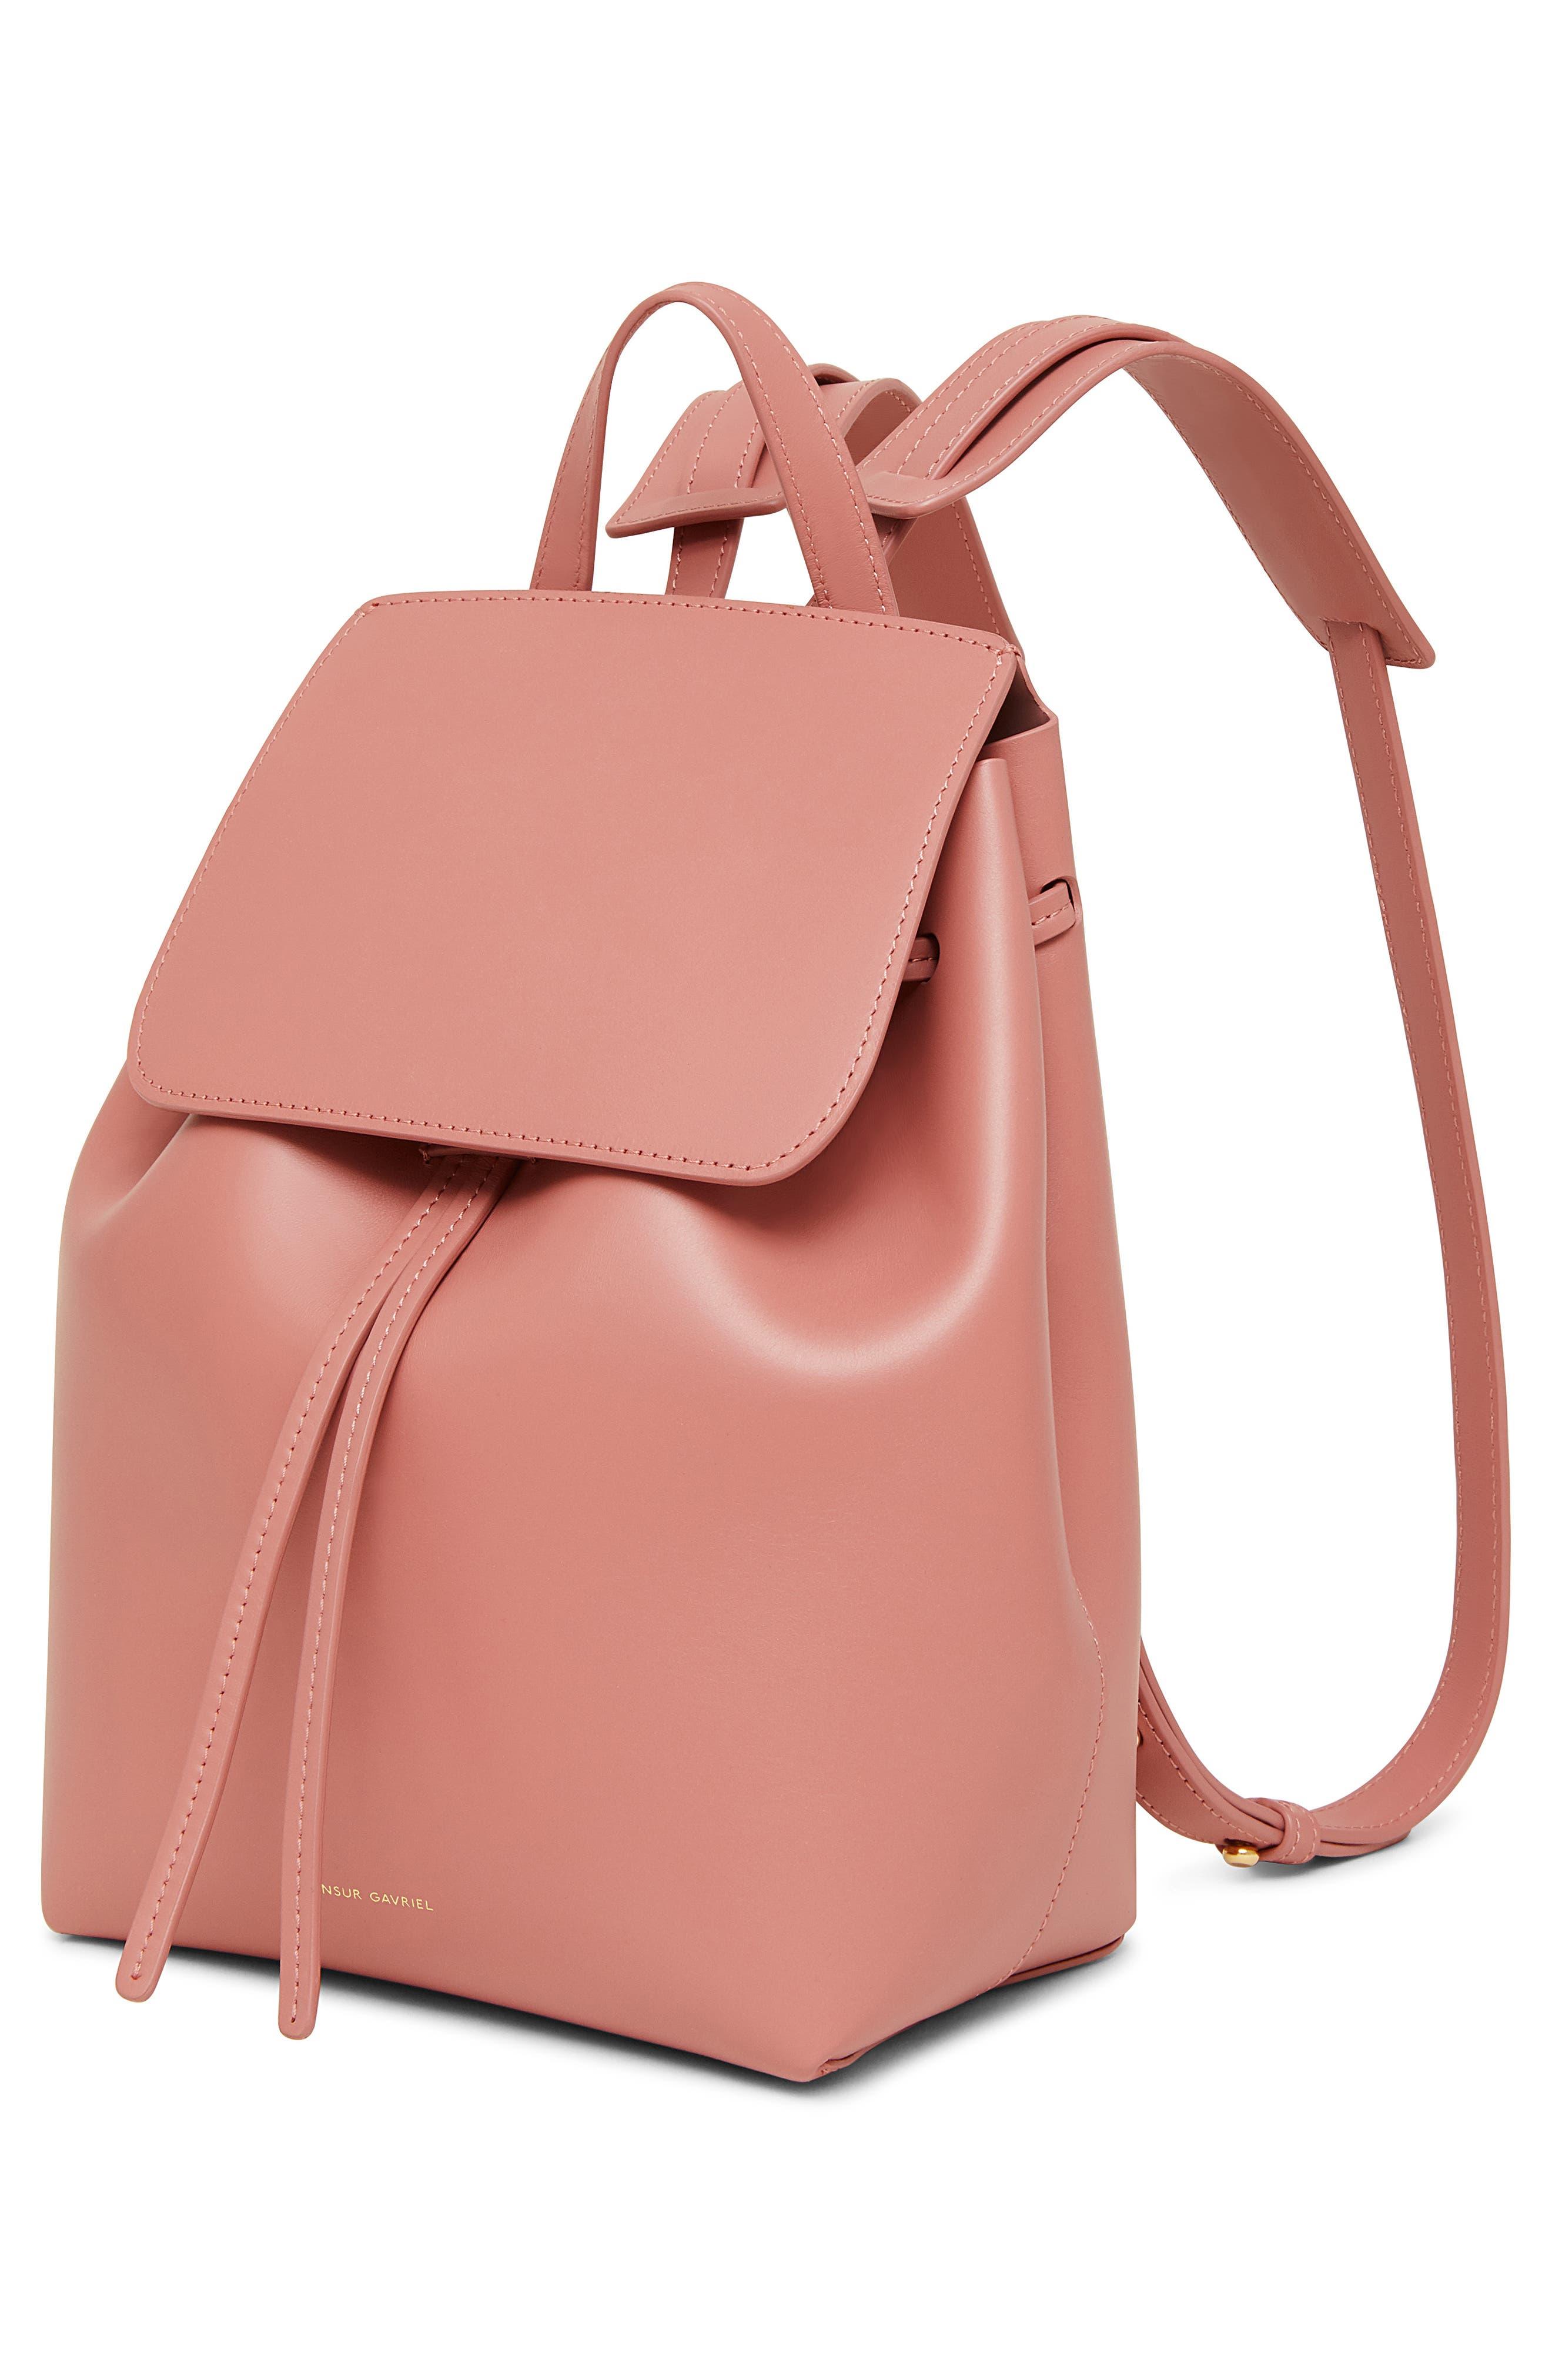 Mini Leather Backpack,                             Alternate thumbnail 3, color,                             BLUSH